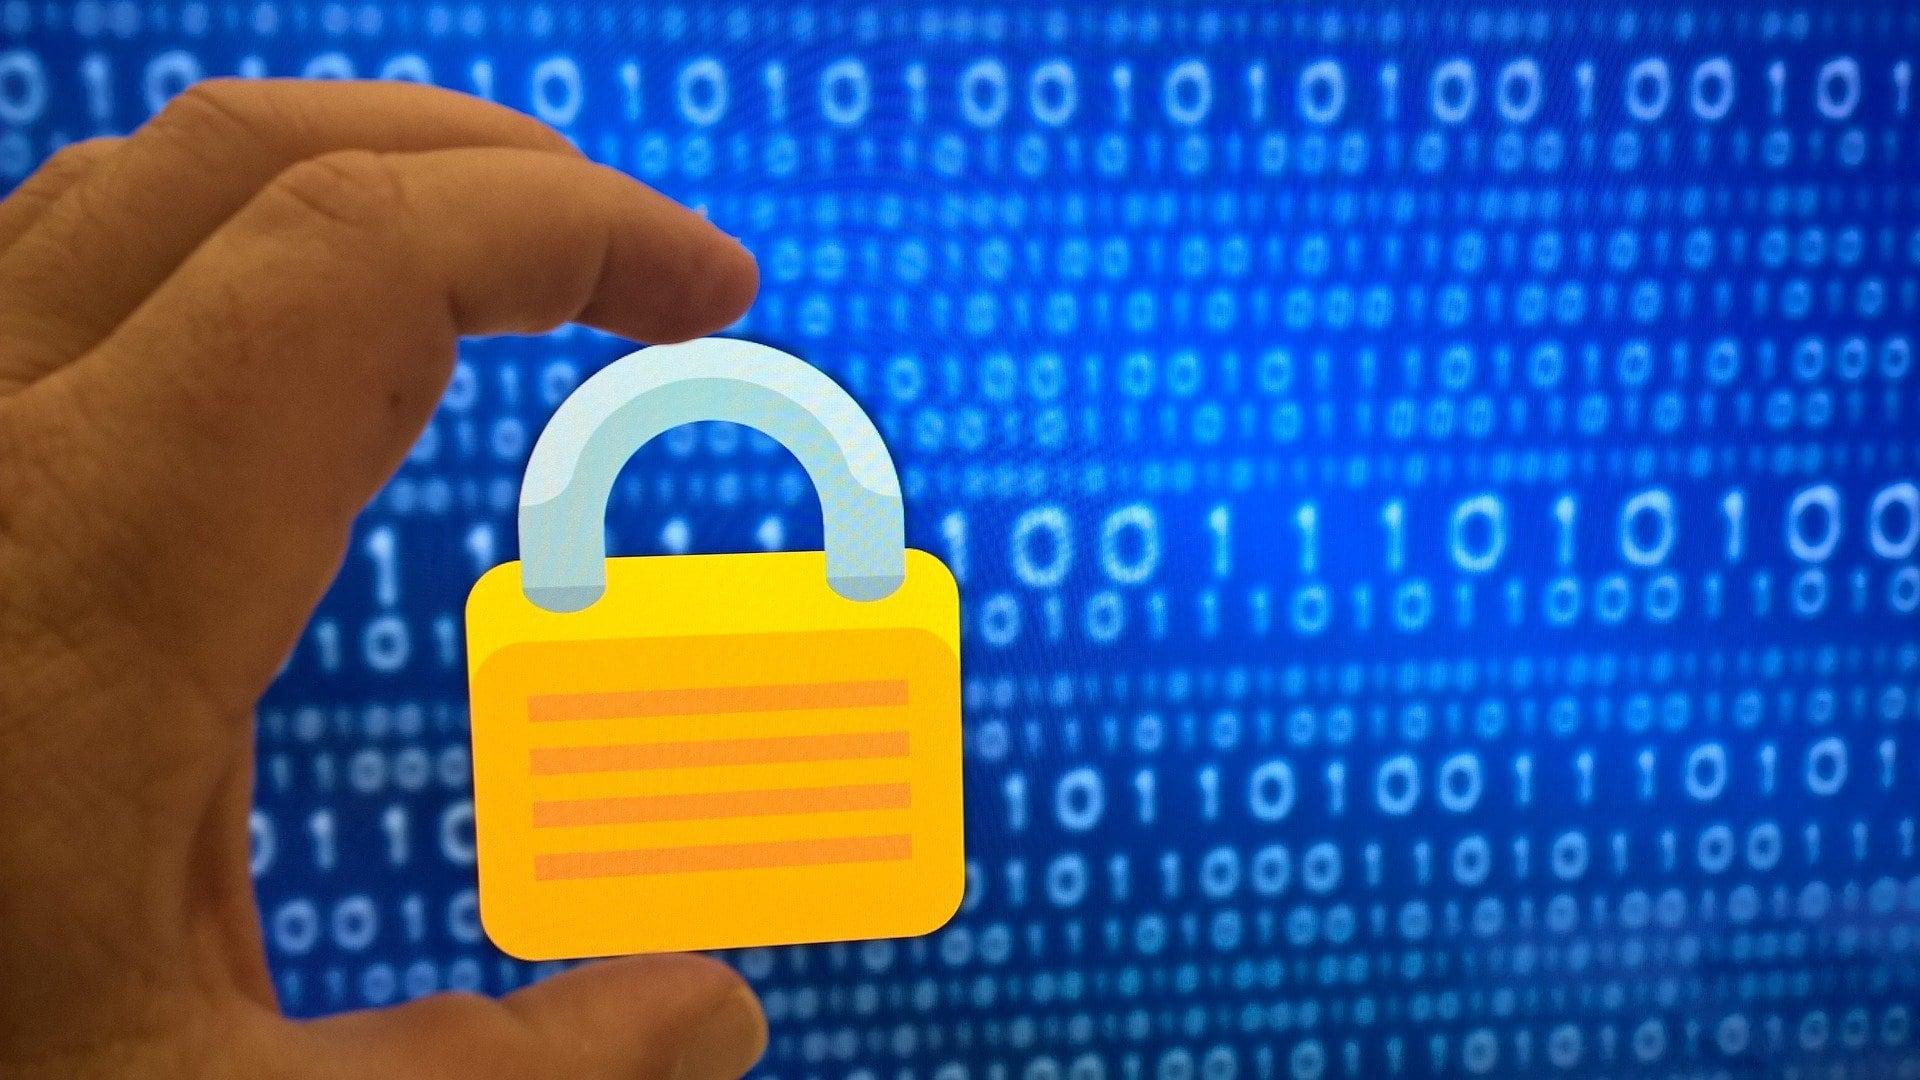 Datenschutz It Computer Sicherheit Passwort Schutz - (c) Pixabay